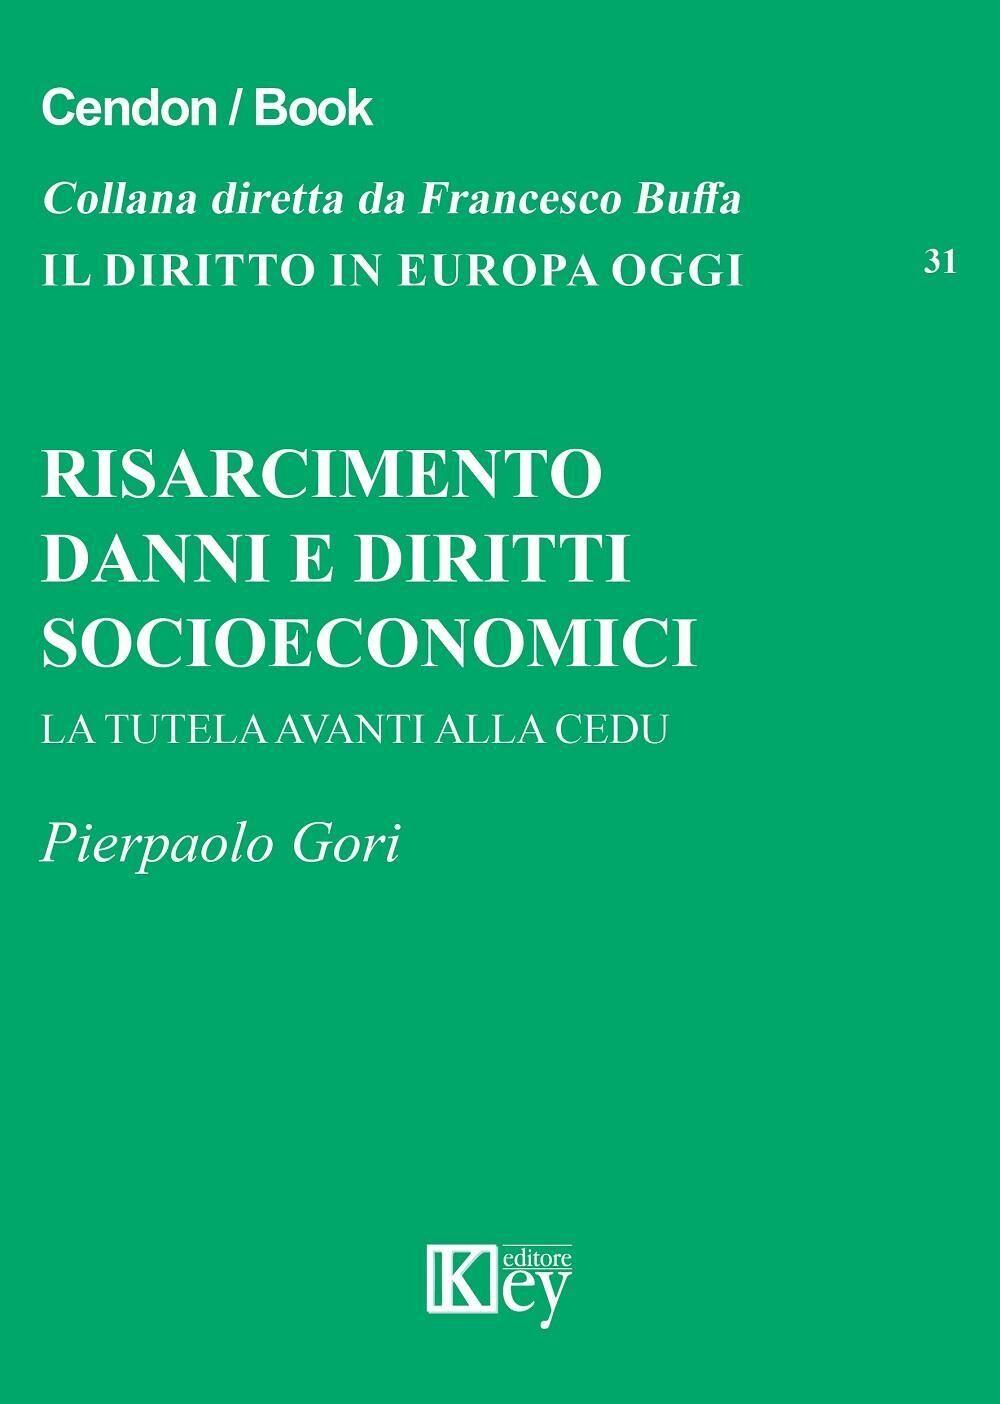 Risarcimento danni e diritti socioeconomici. La tutela avanti alla CEDU